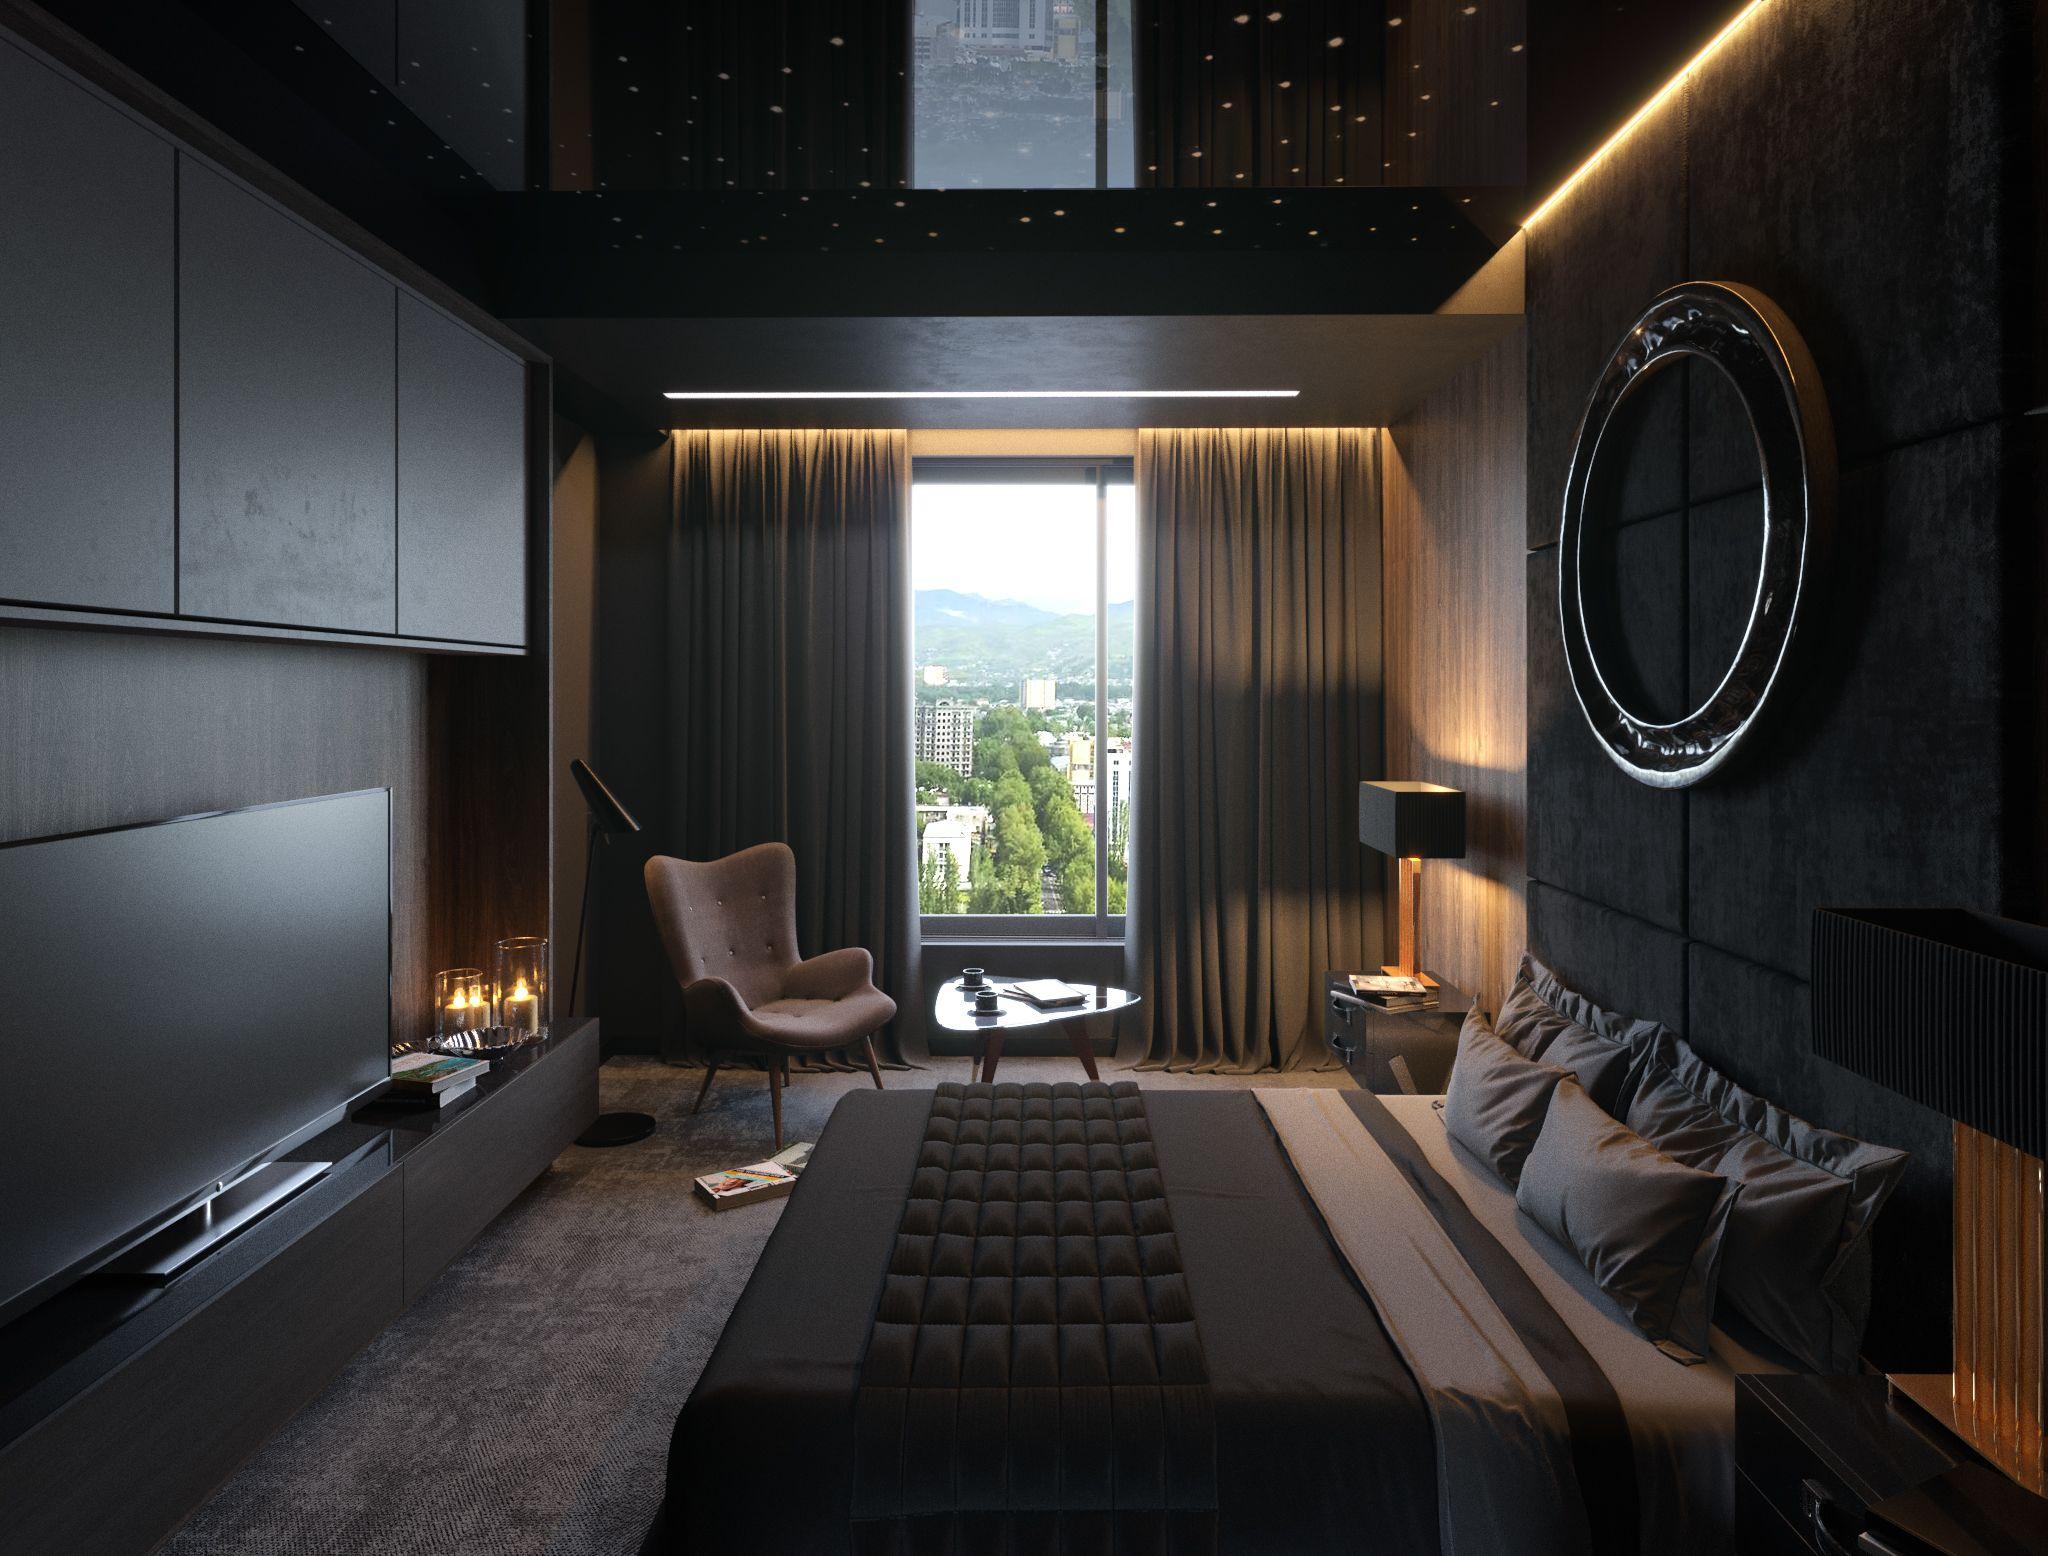 13 mẫu ghế cho phòng ngủ khiến bạn thậm chí còn yêu ghế hơn giường - Ảnh 1.